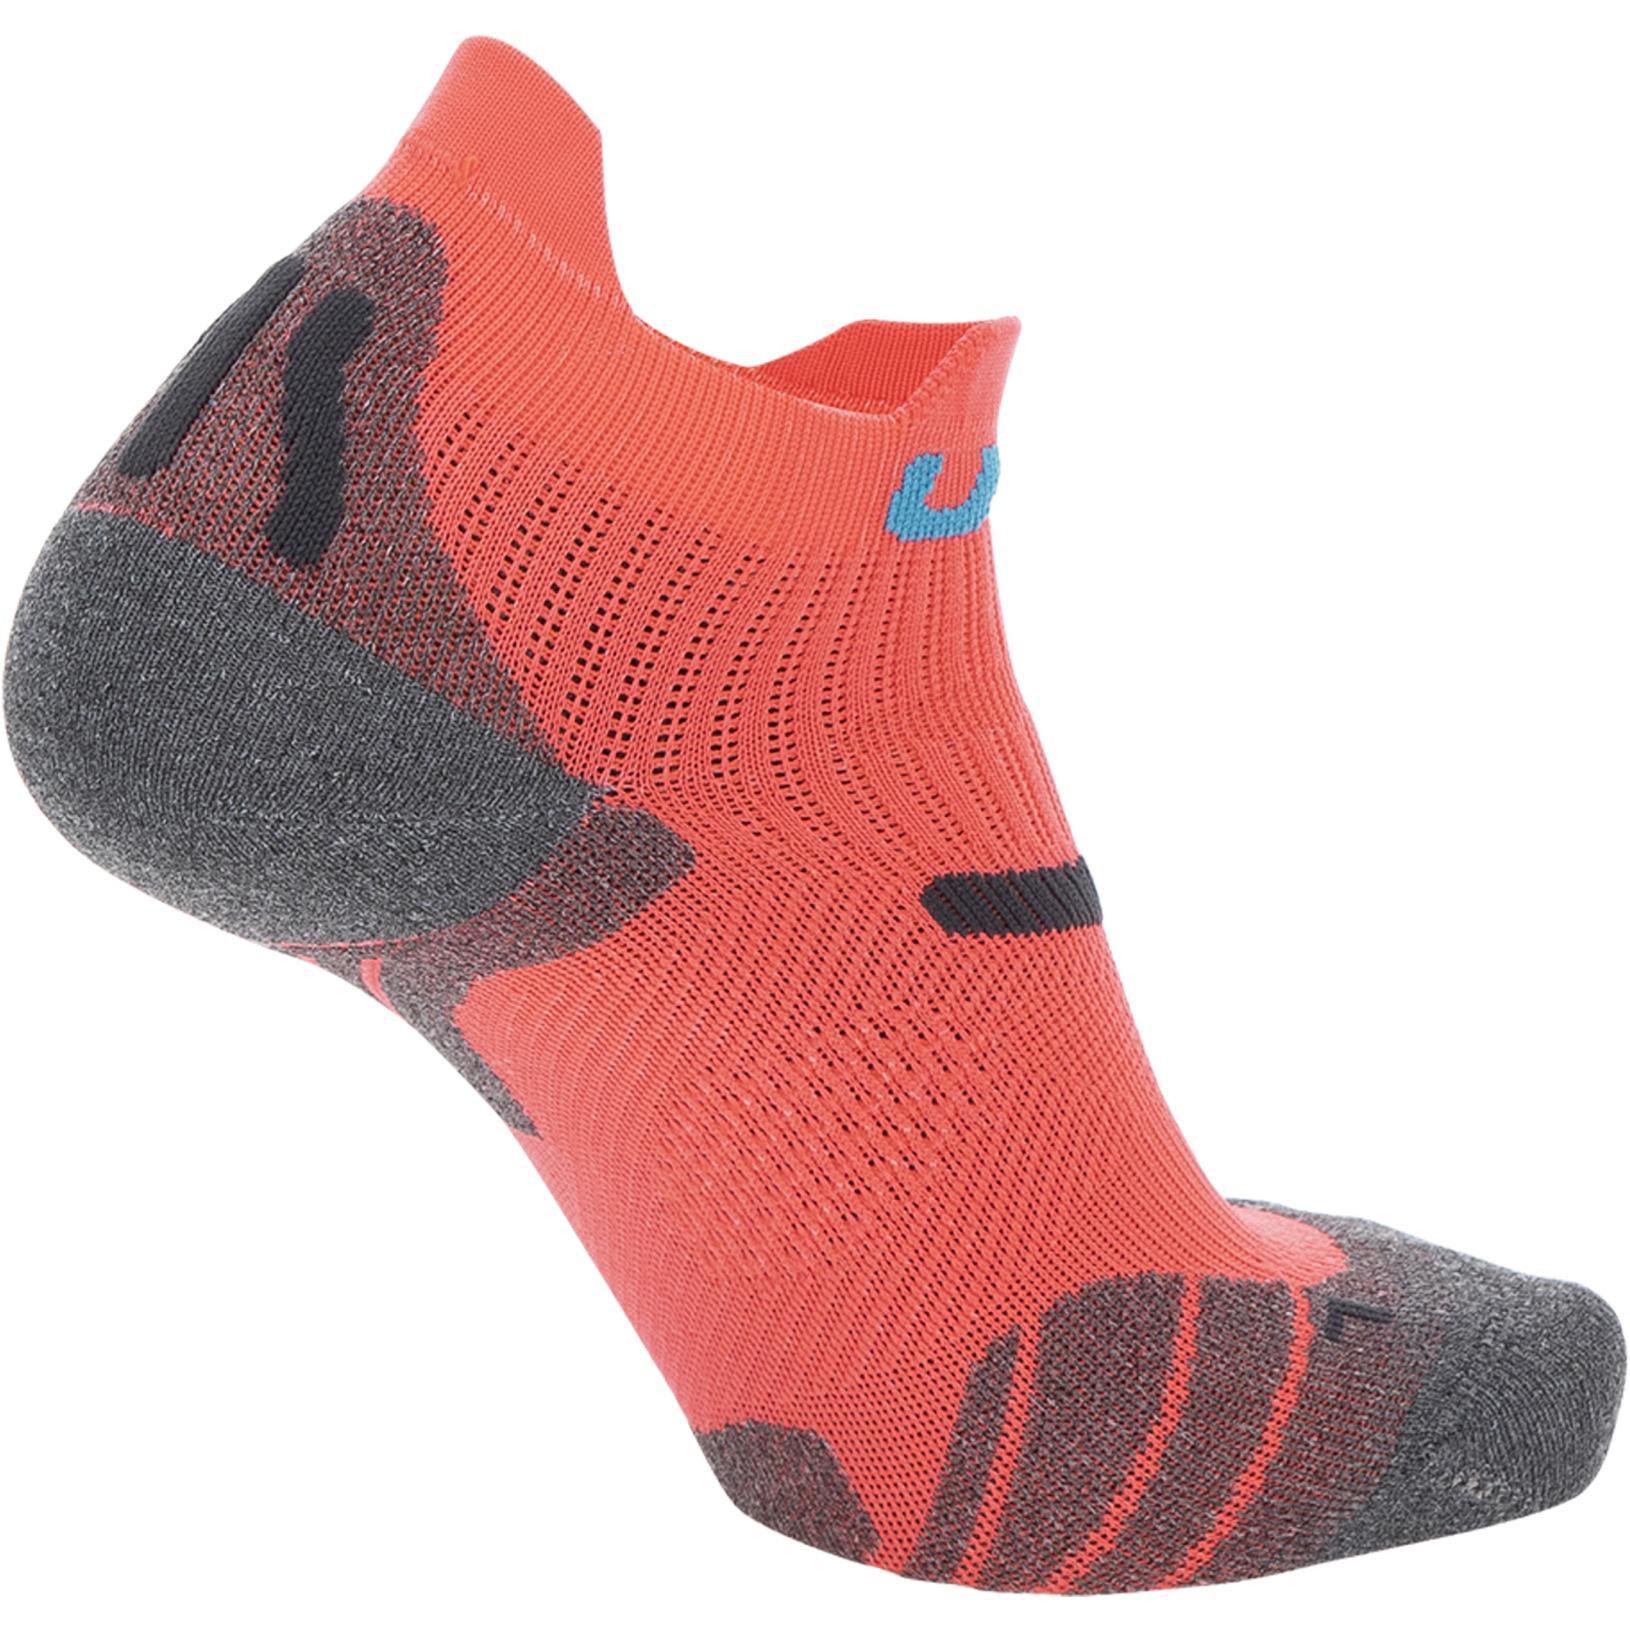 Bild von UYN Run 2In Socken Damen - Coral Fluo/Anthracite